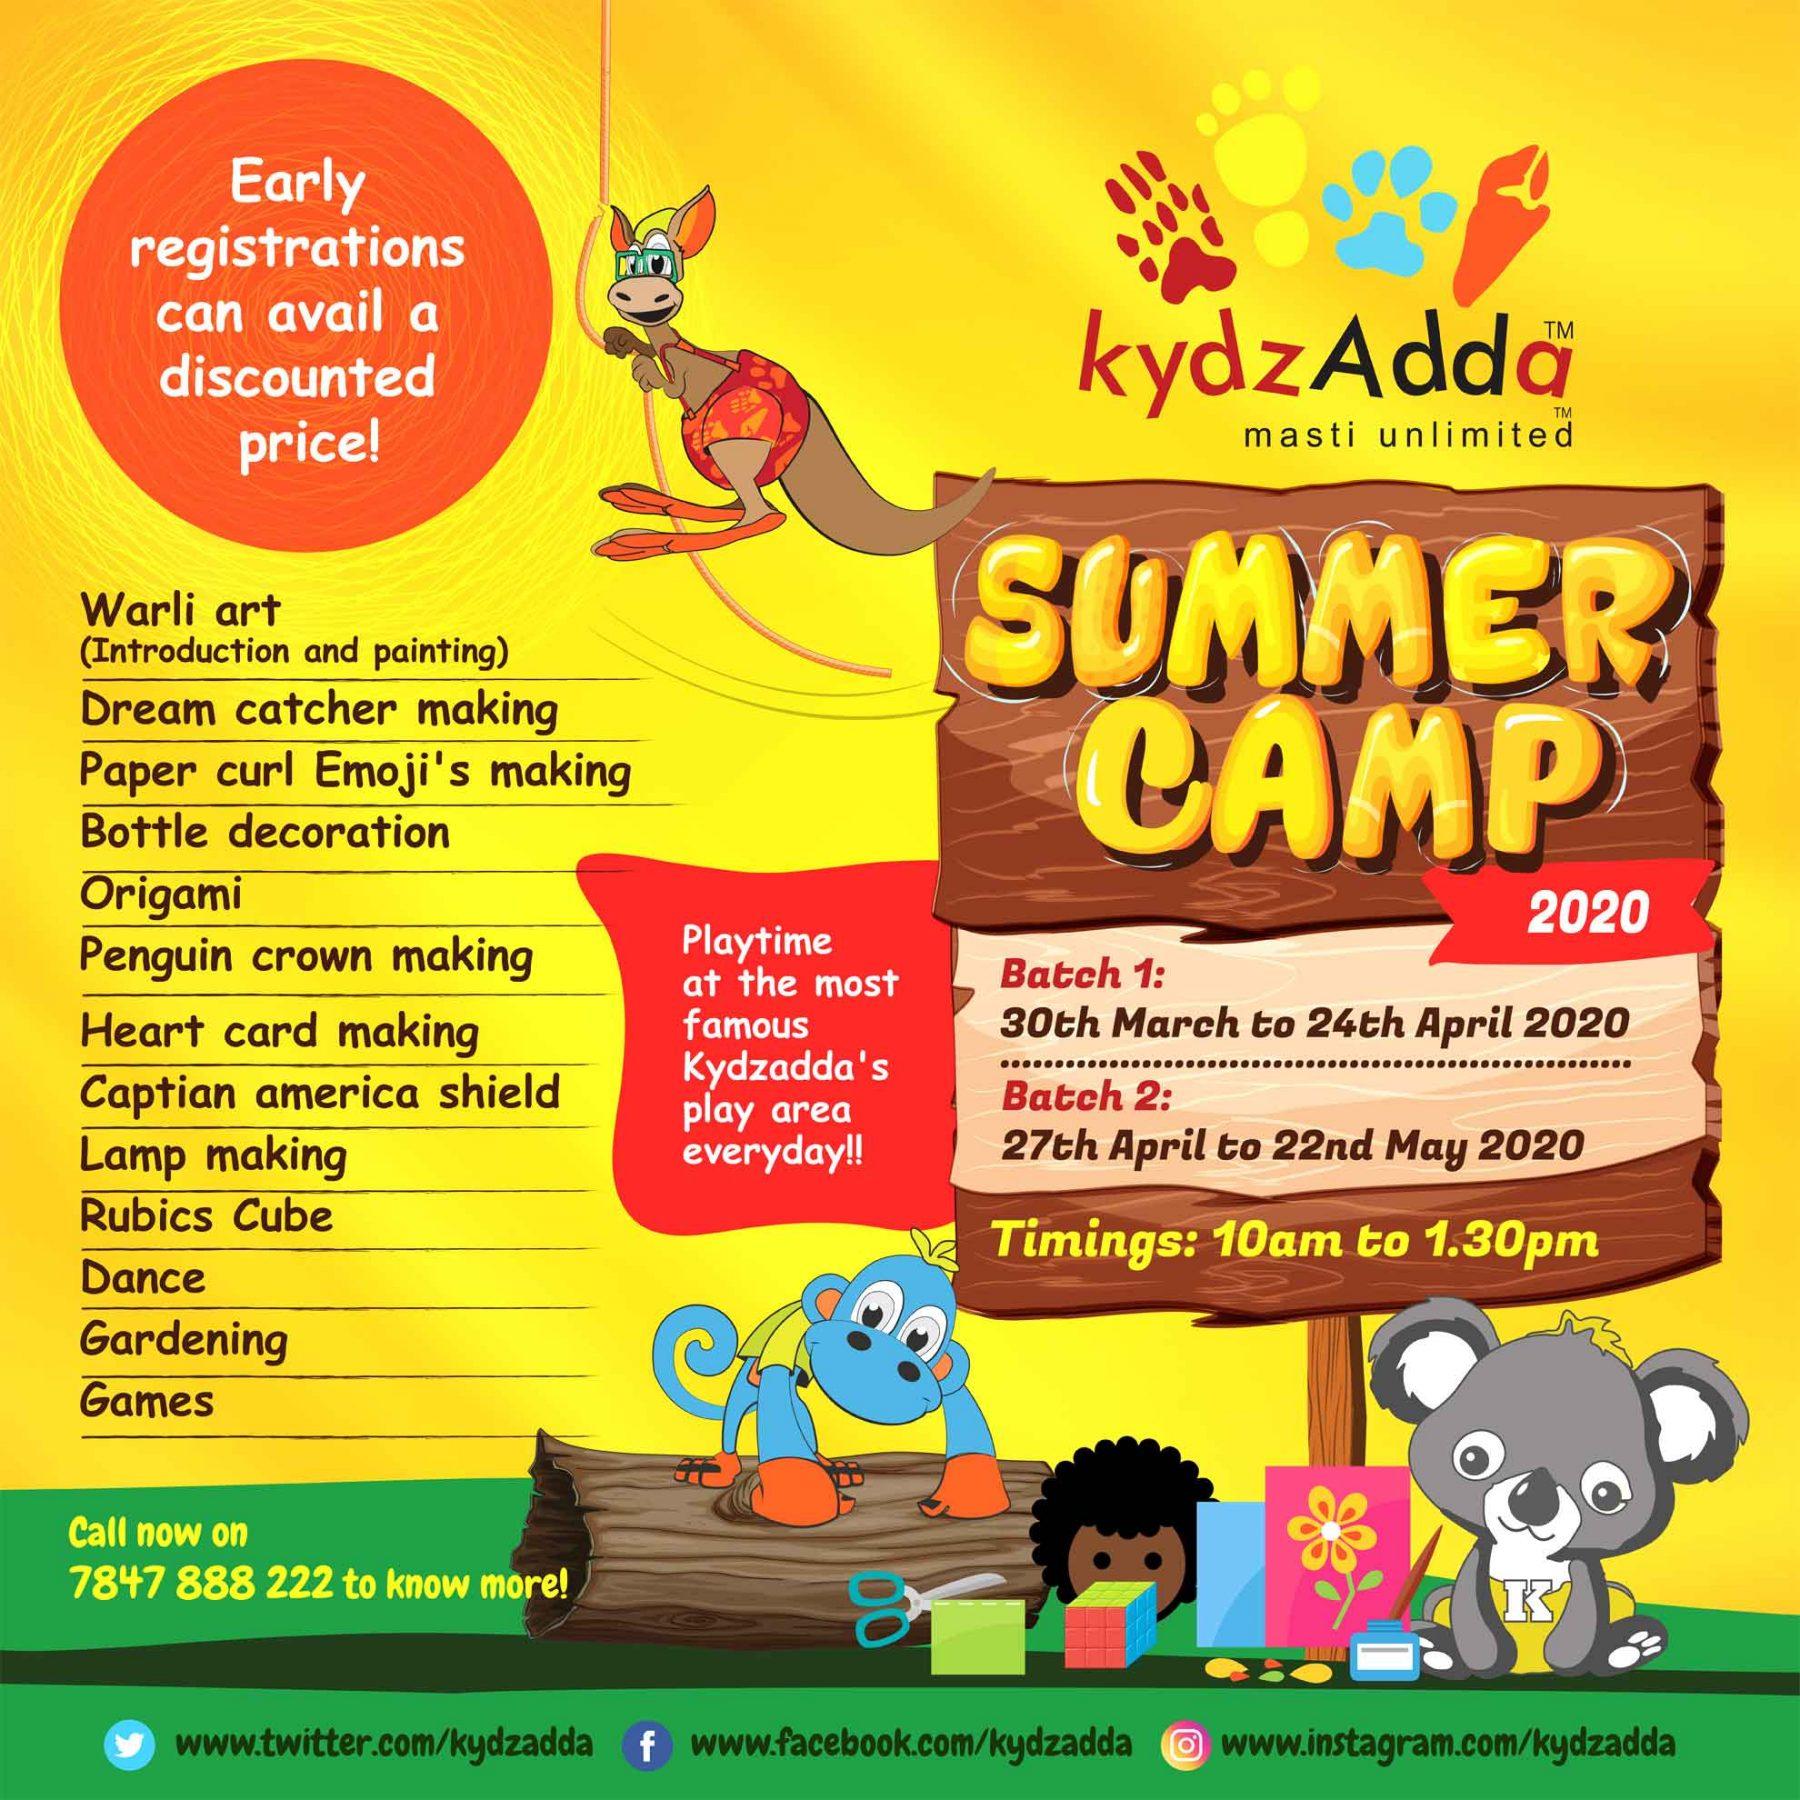 Summer camp 2020 - Batch 1 - Kydz Adda